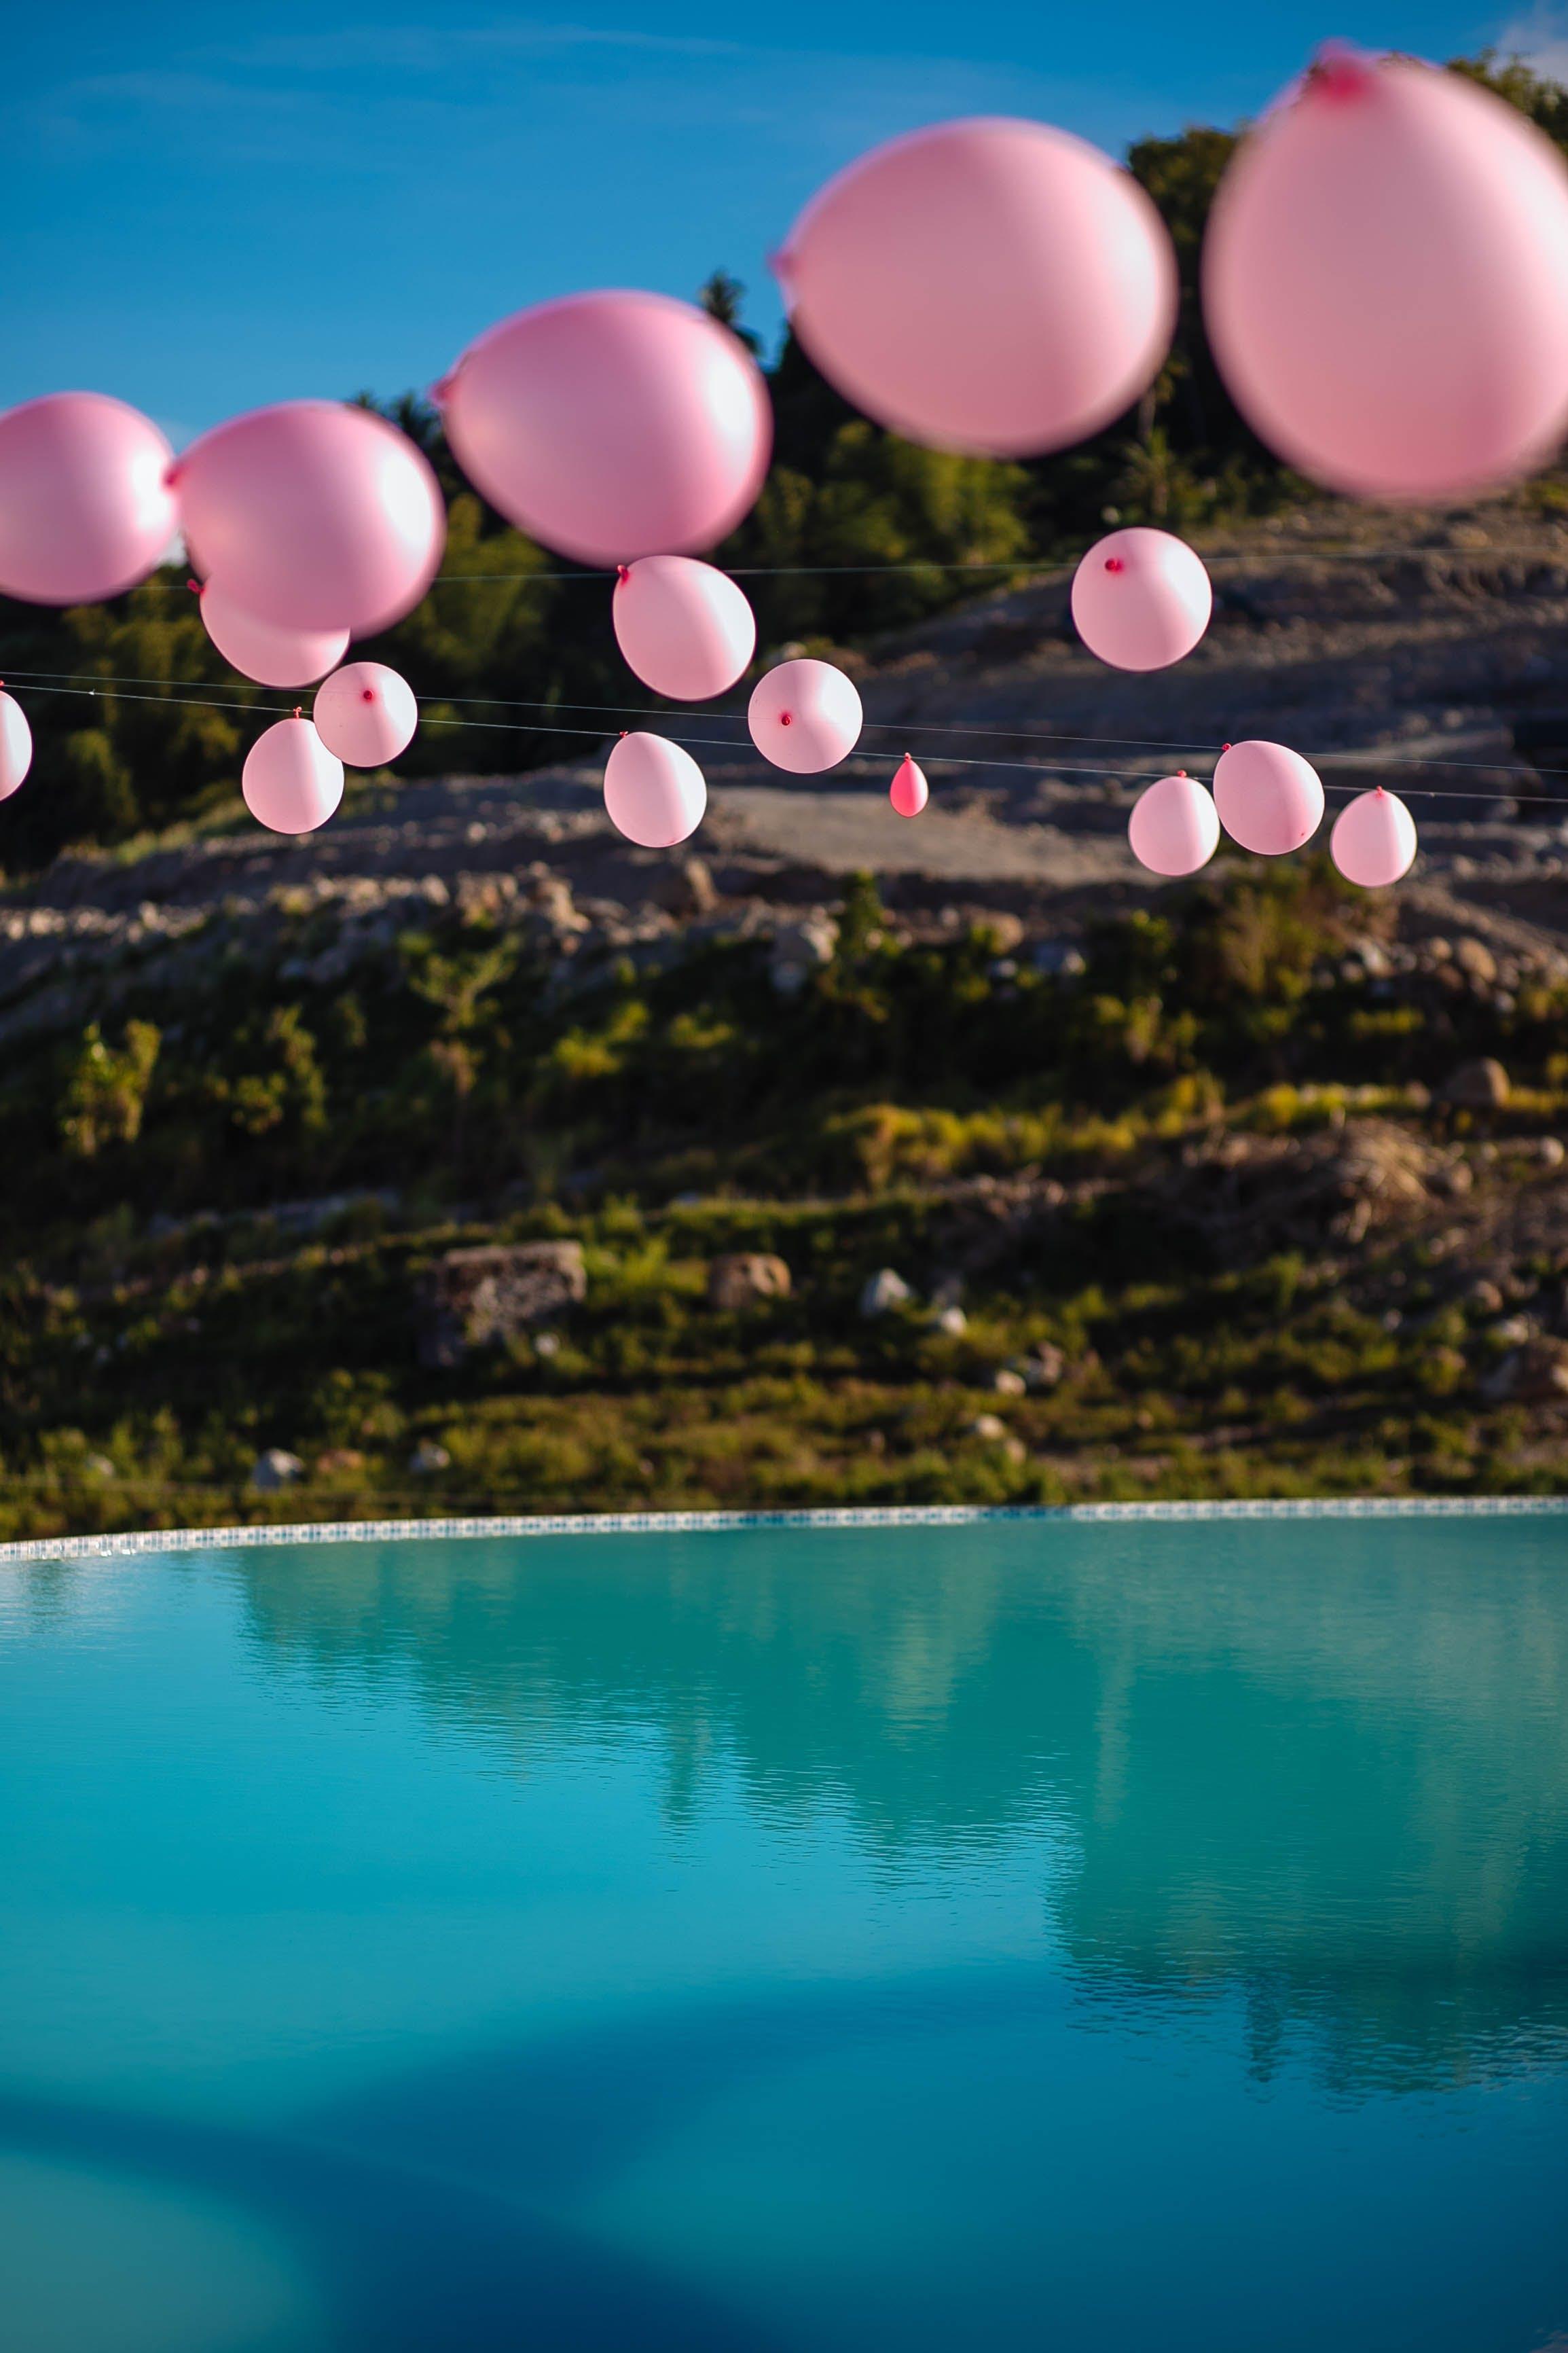 Pink Balloons Hanging